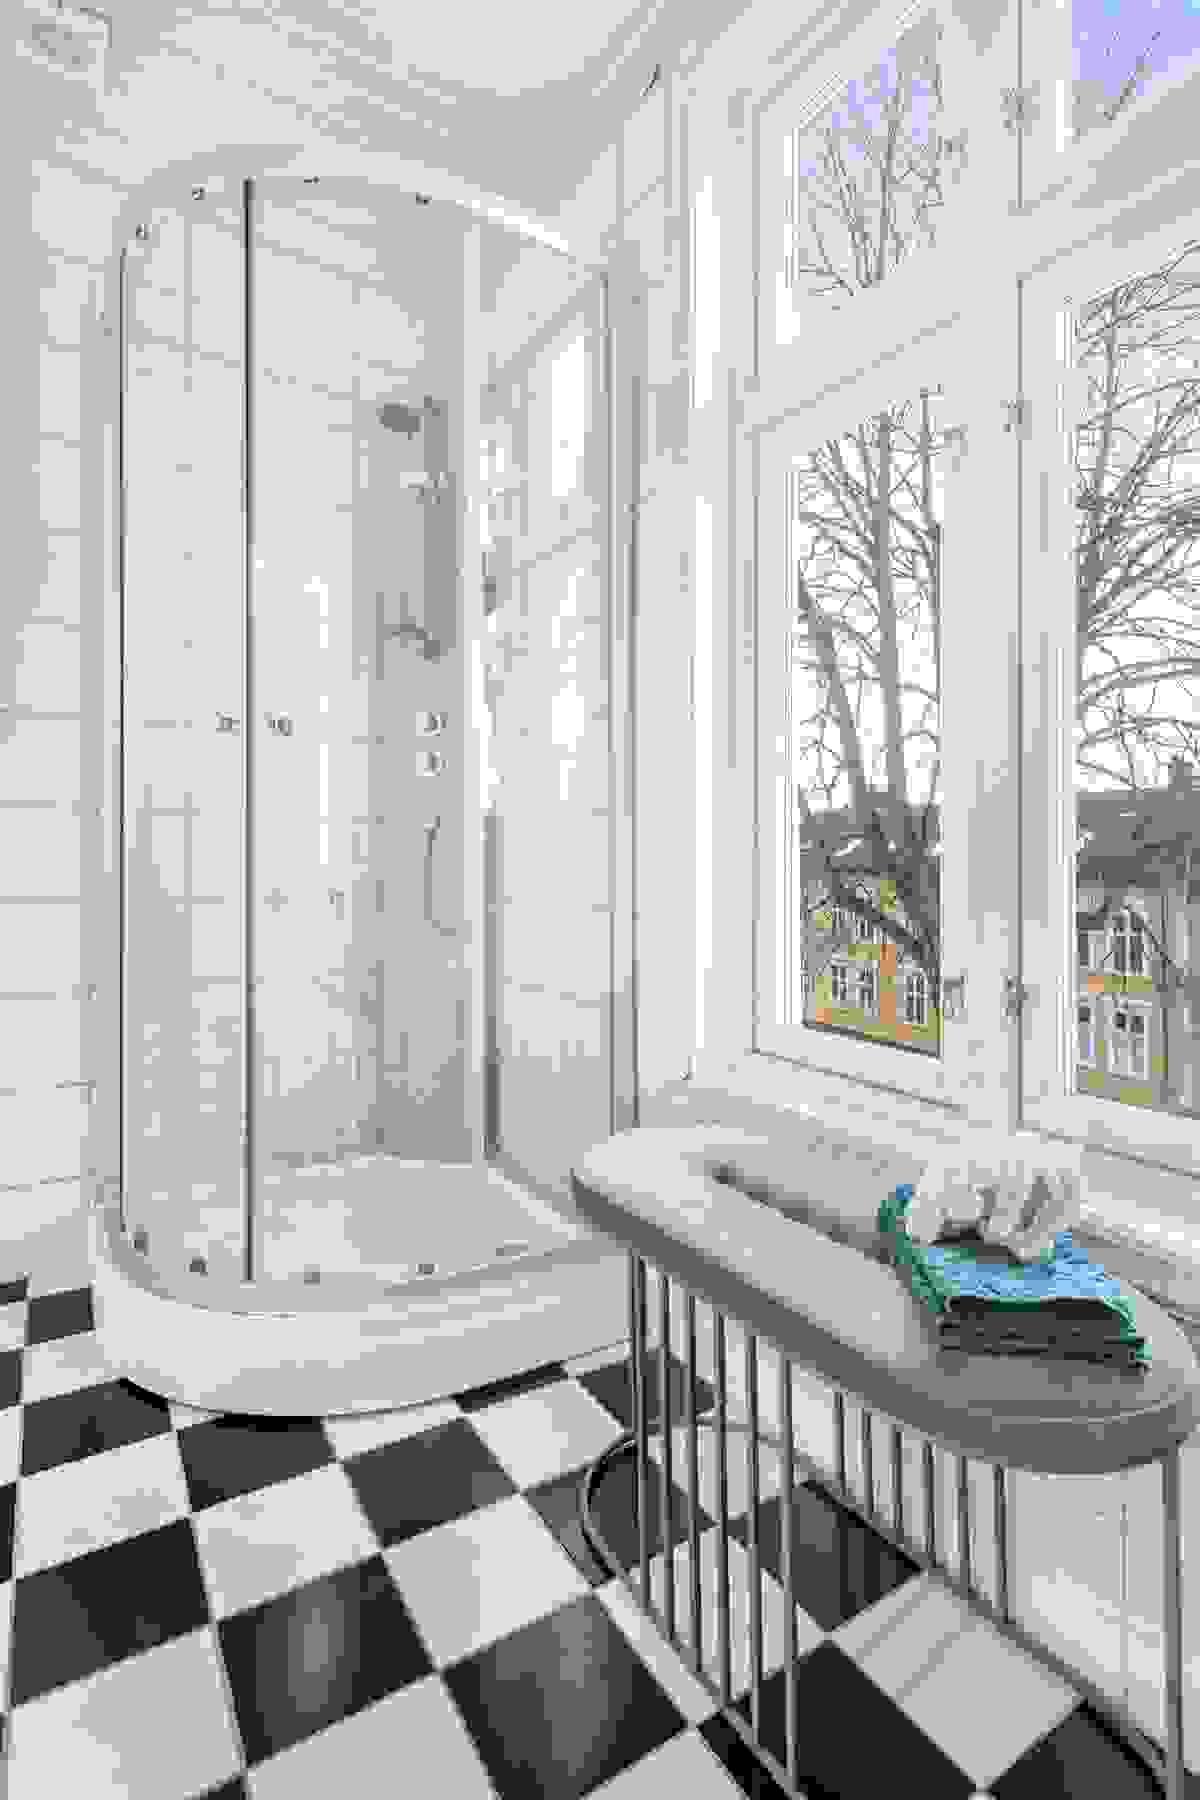 Flott utsyn - godt lysinnslipp fra de nye vinduene (2015).